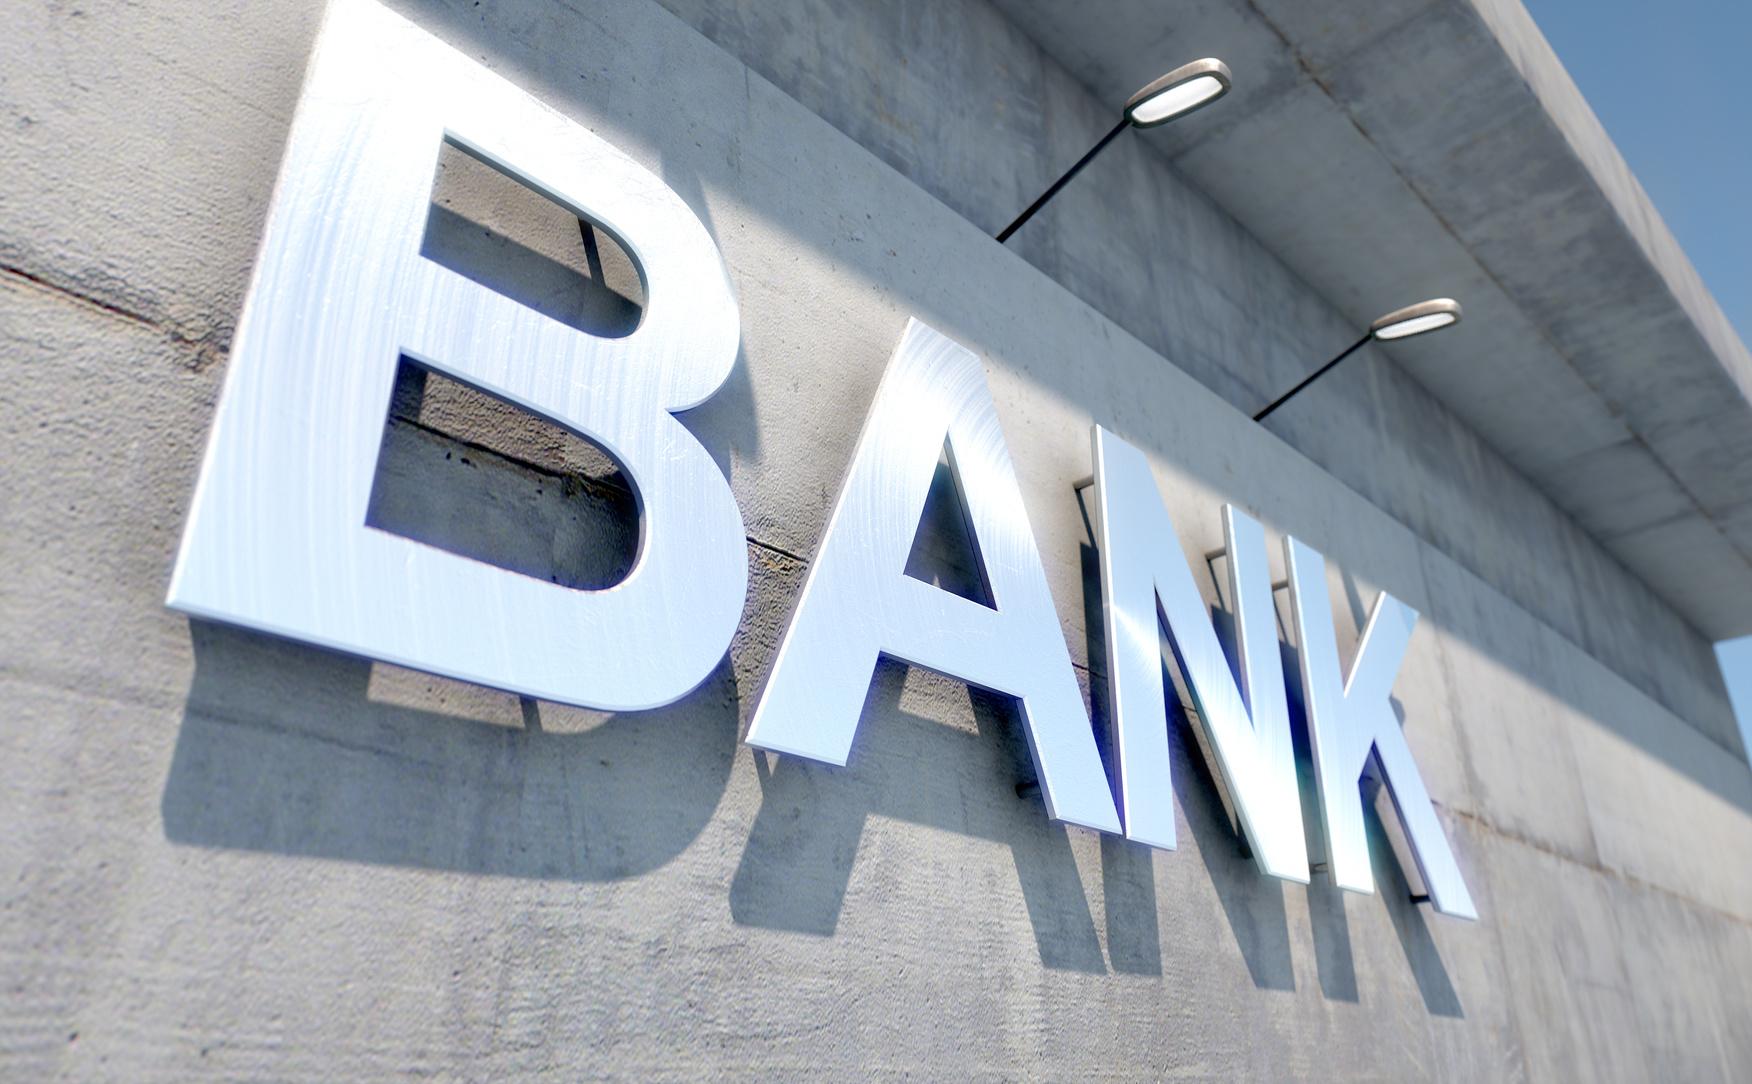 kredyt walutowy, waluta, kredyt we frankach, frankowicze, jak obniżyć koszt kredytu, wymiana walut, Ekantor.pl